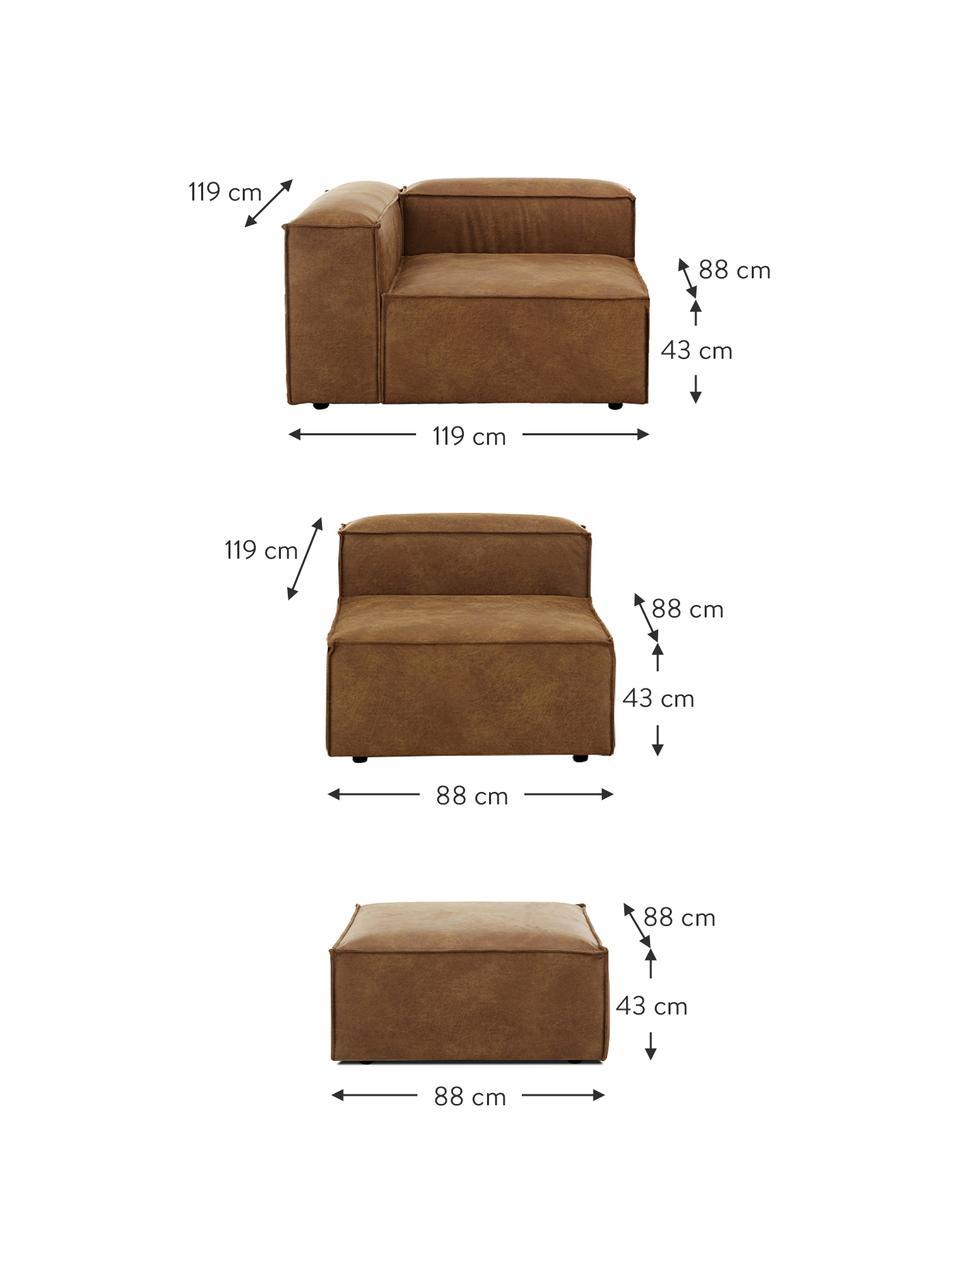 Modulaire leren hoekbank Lennon in bruin van gerecycled leer, Bekleding: gerecycled leer (70% leer, Frame: massief grenenhout, multi, Poten: kunststof De poten bevind, Leer bruin, B 327 x D 207 cm